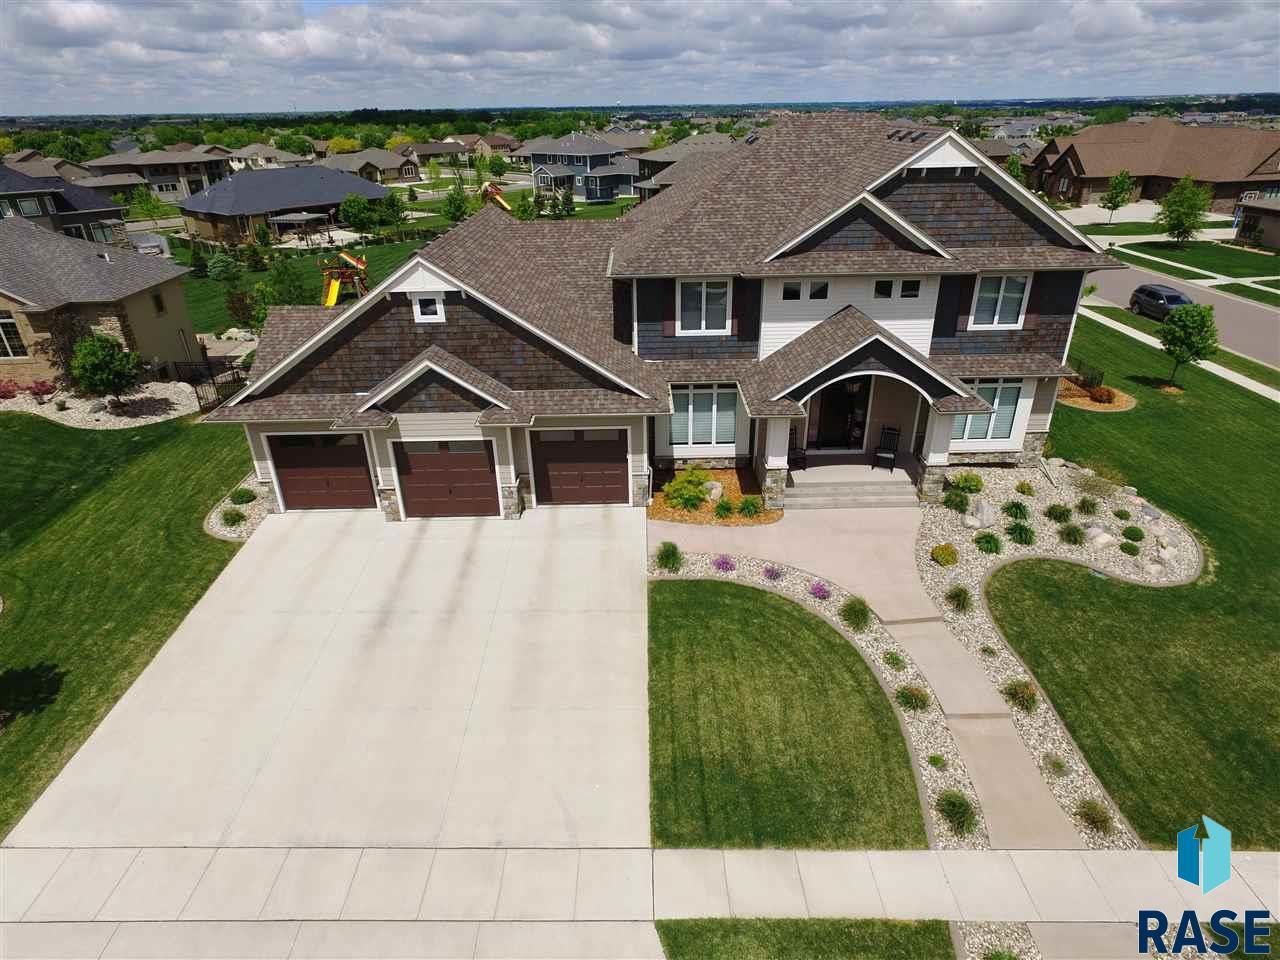 2600 W Ridgestone Cir, Sioux Falls, SD 57108